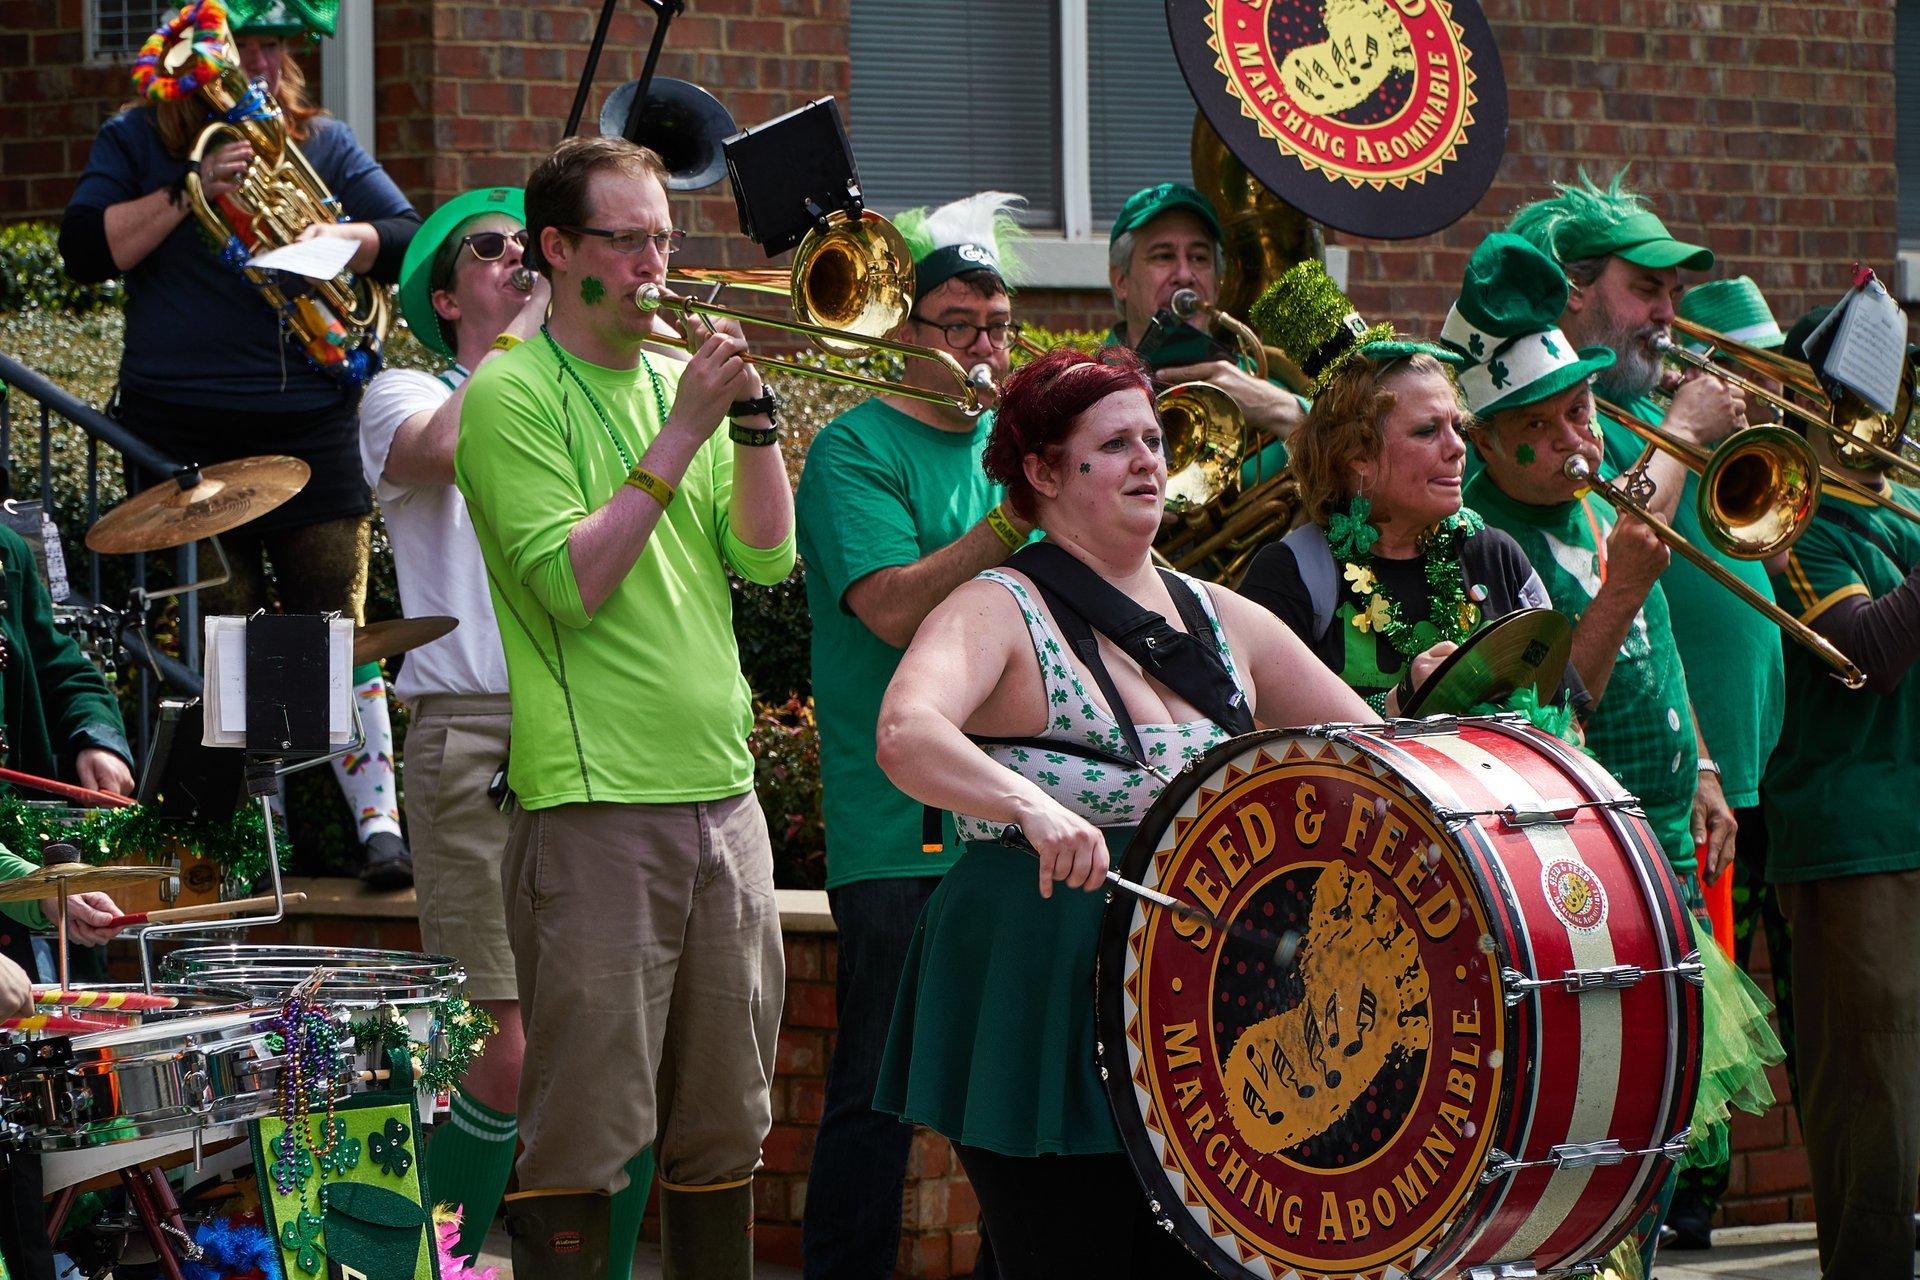 Best time to see Atlanta St. Patrick's Parade in Atlanta 2020